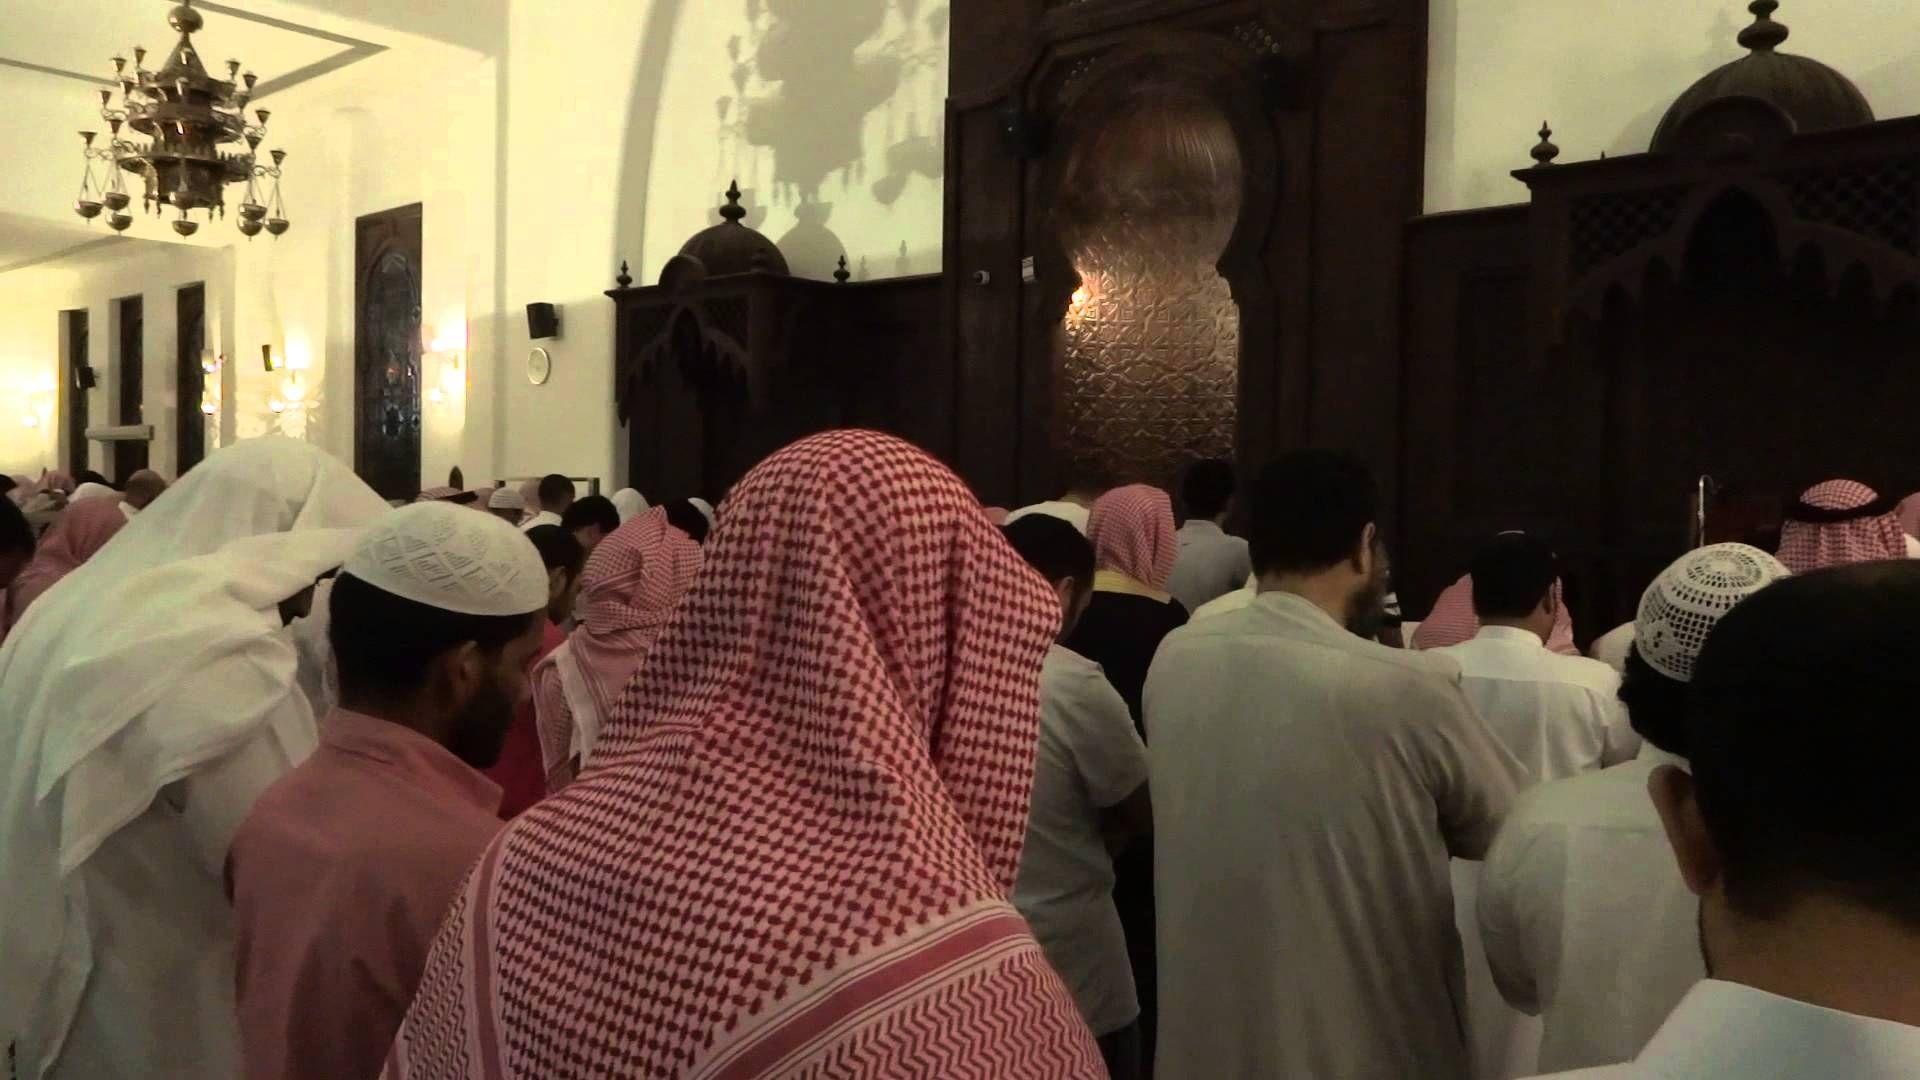 قل إني أخاف إن عصيت ربي عذاب يوم عظيم أول 3 تسليمات الشيخ خالد الجليل ليلة 17 رمضان 1436هـ